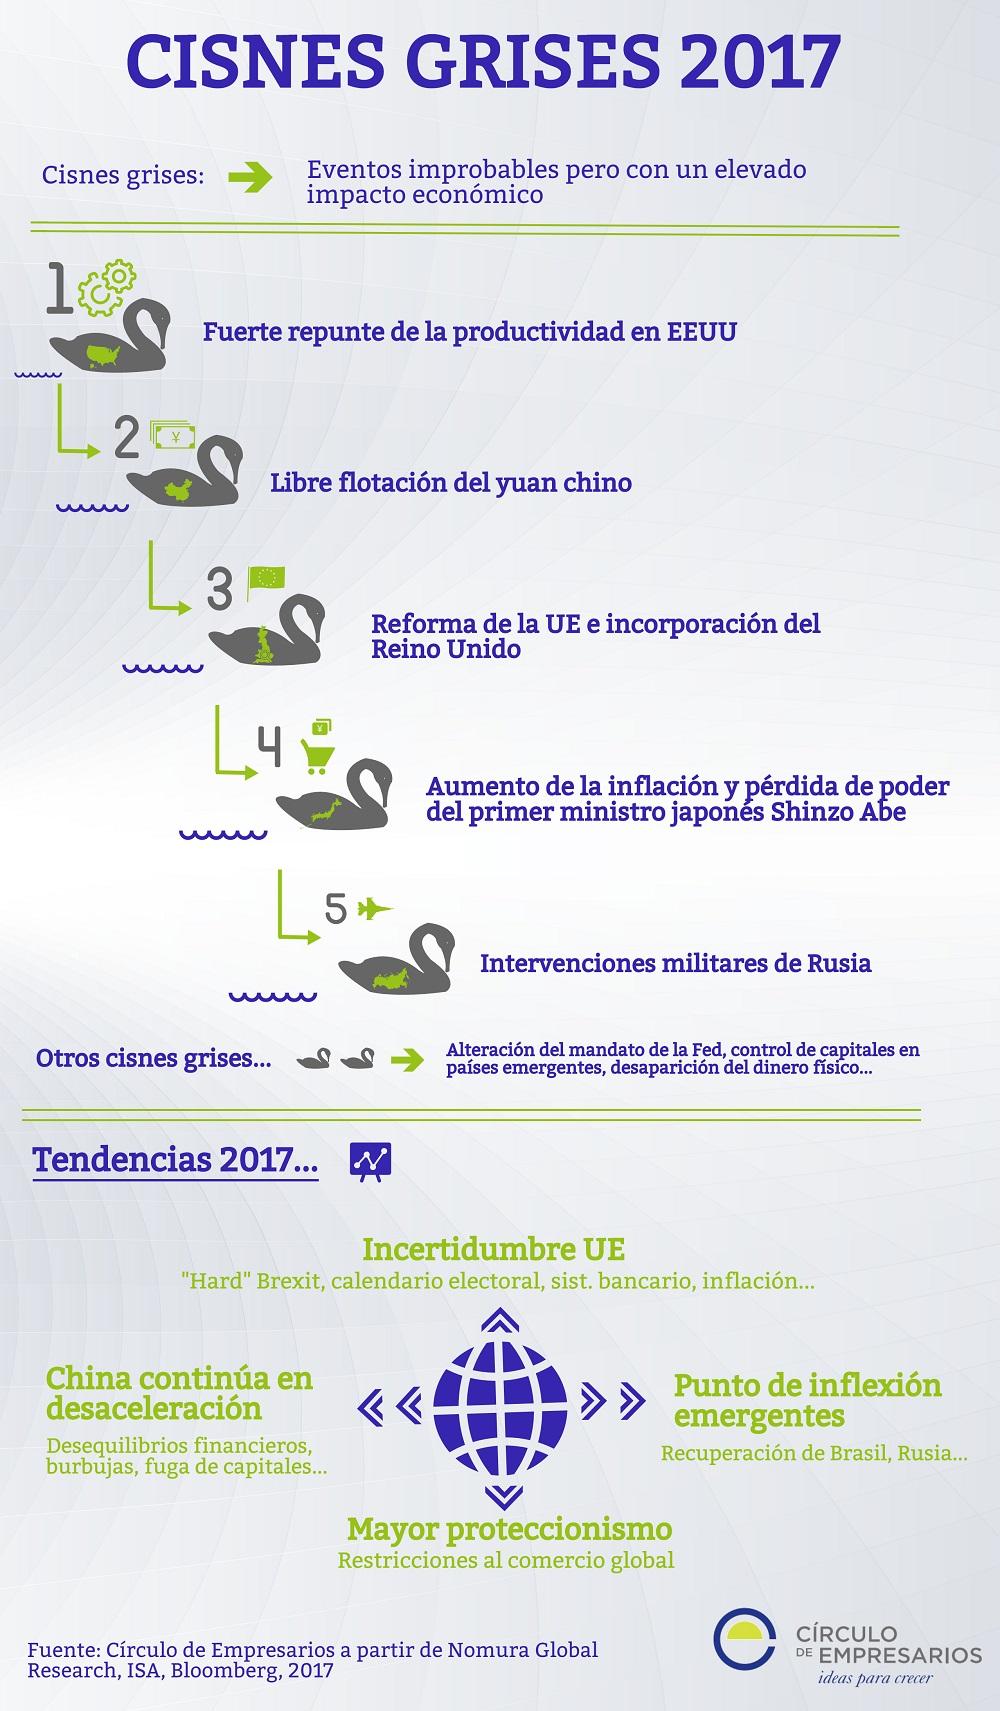 Cisnes_Grises_Tendencias_2017_Circulo_de_Empresarios_1000px